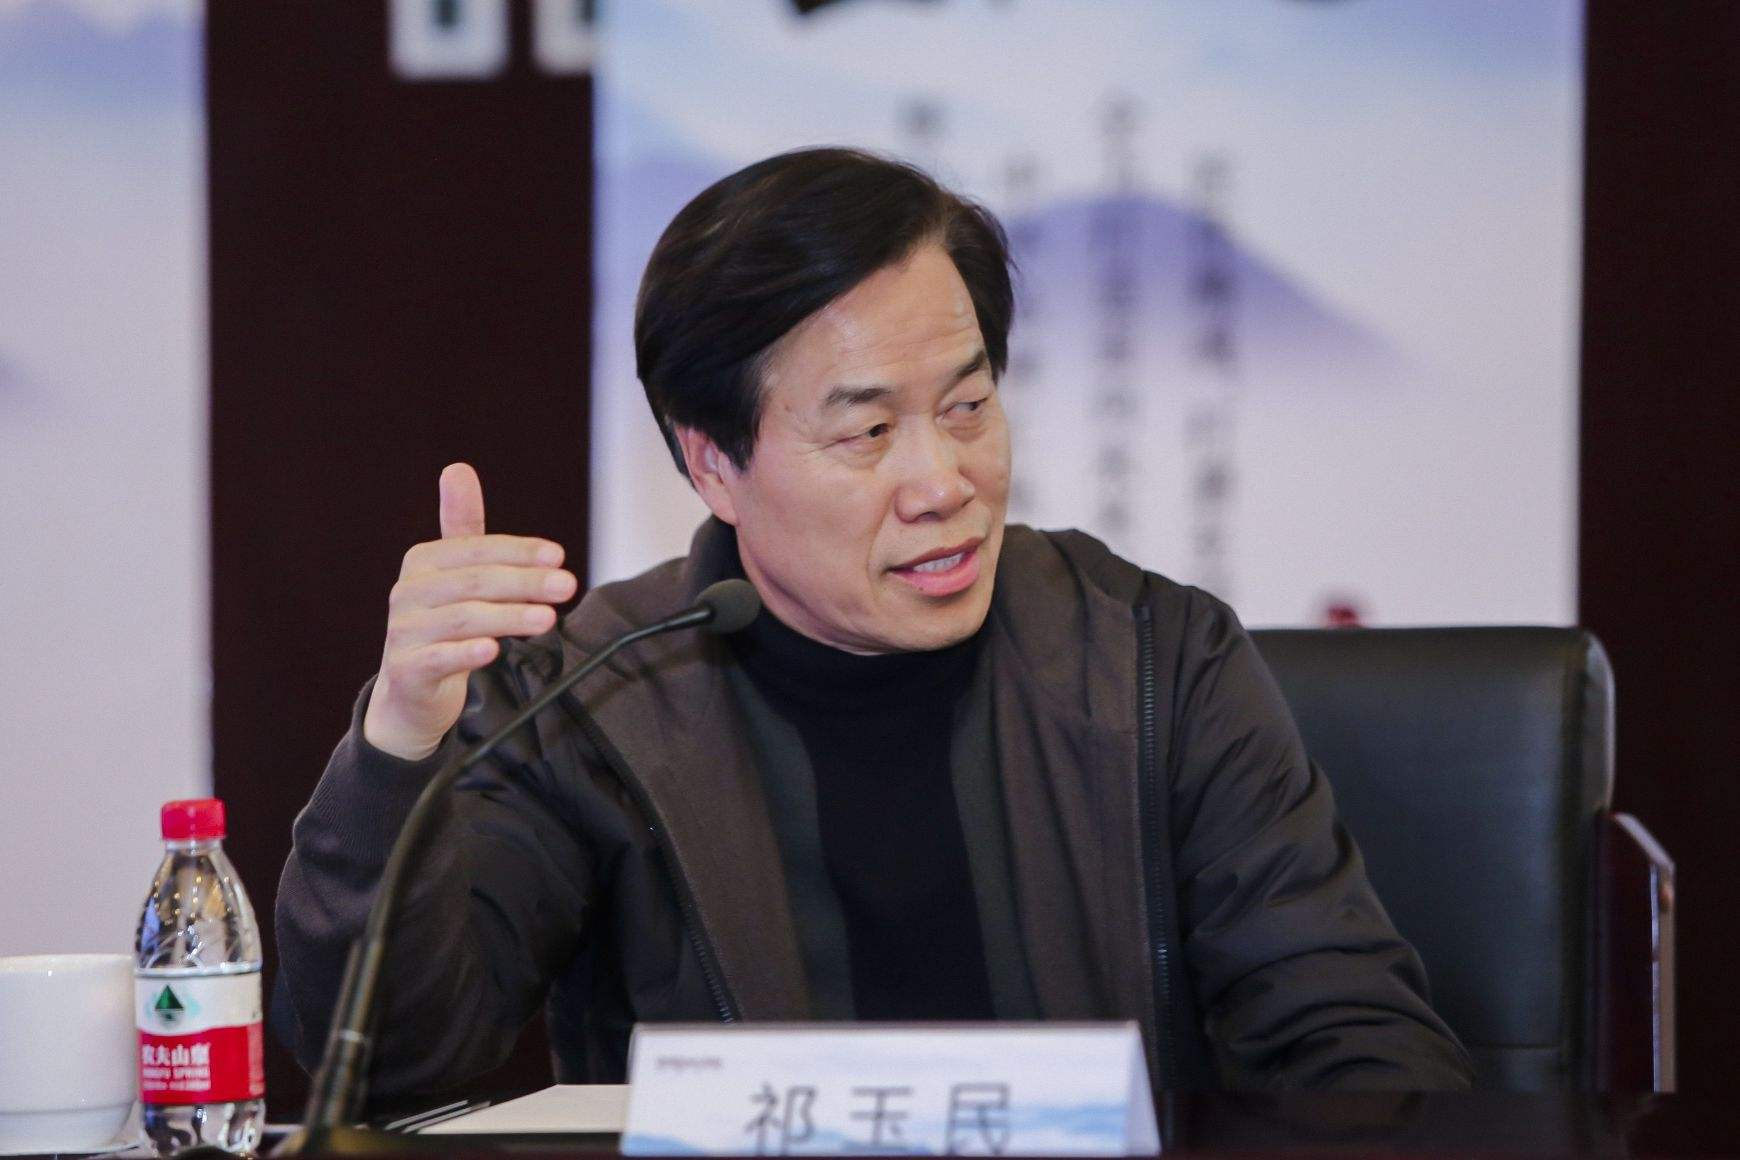 最高检:华晨集团原董事长祁玉民被提起公诉-第3张图片-汽车笔记网